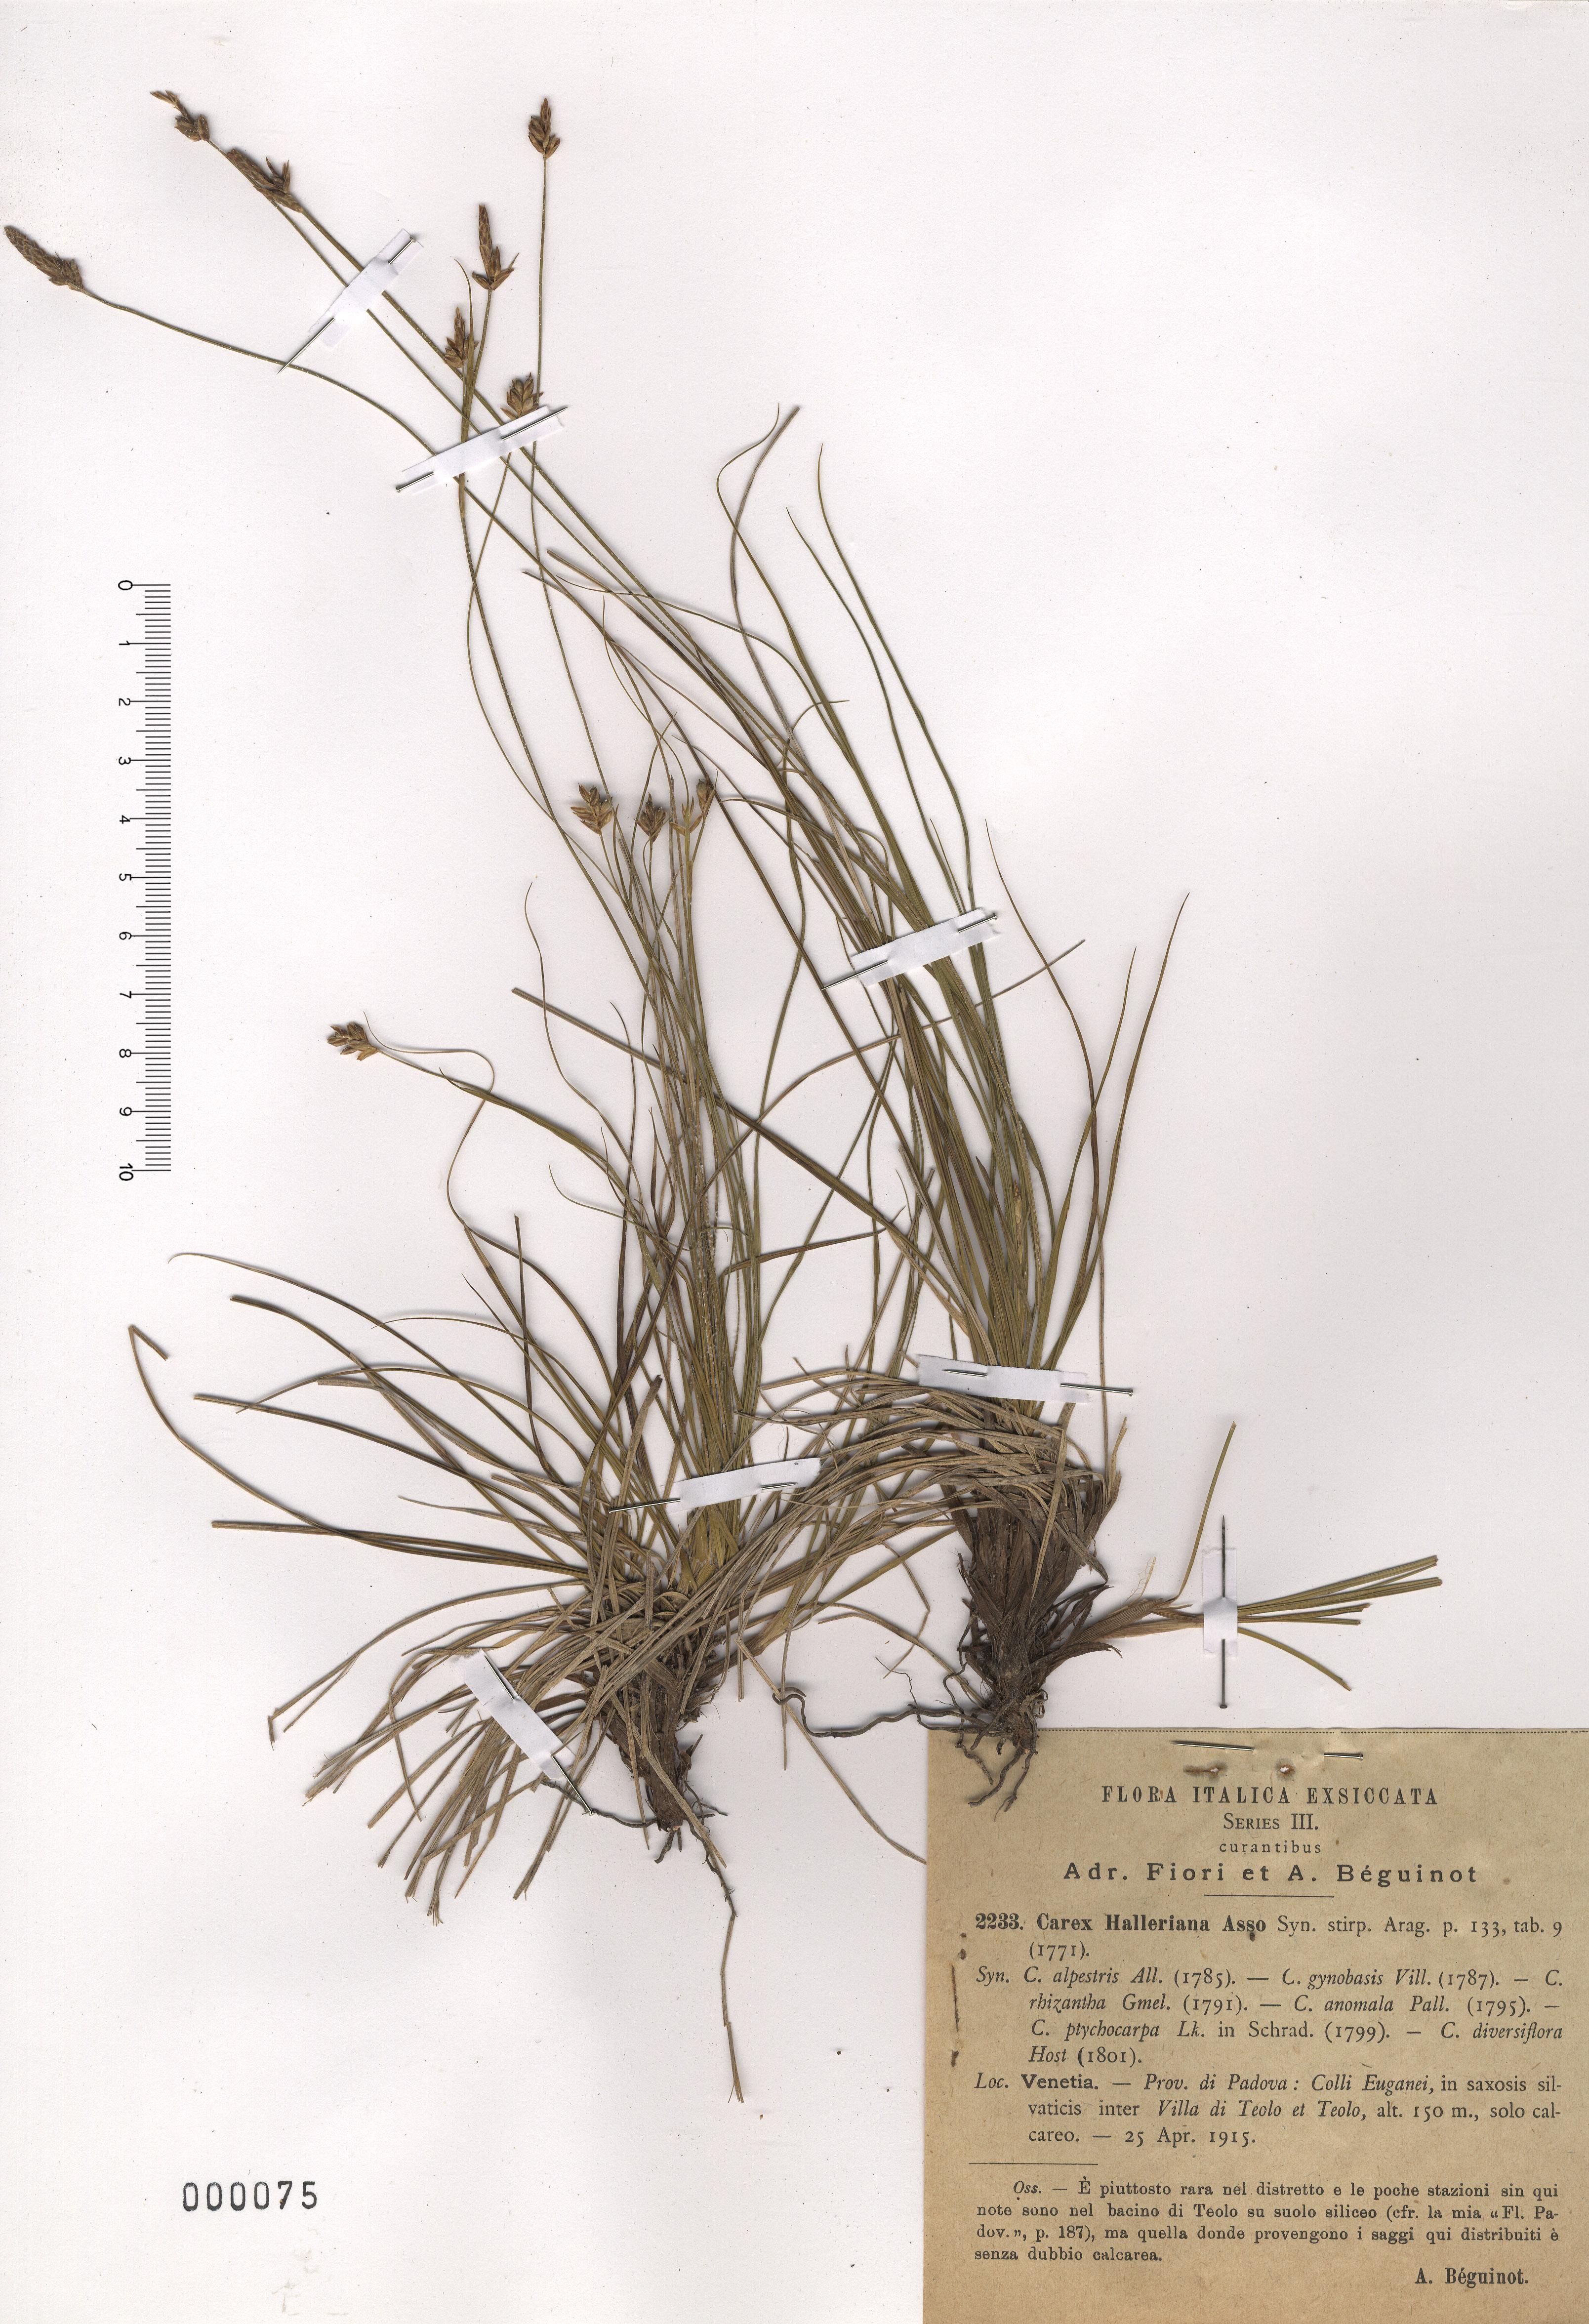 © Hortus Botanicus Catinensis - Herb. sheet 000075<br>